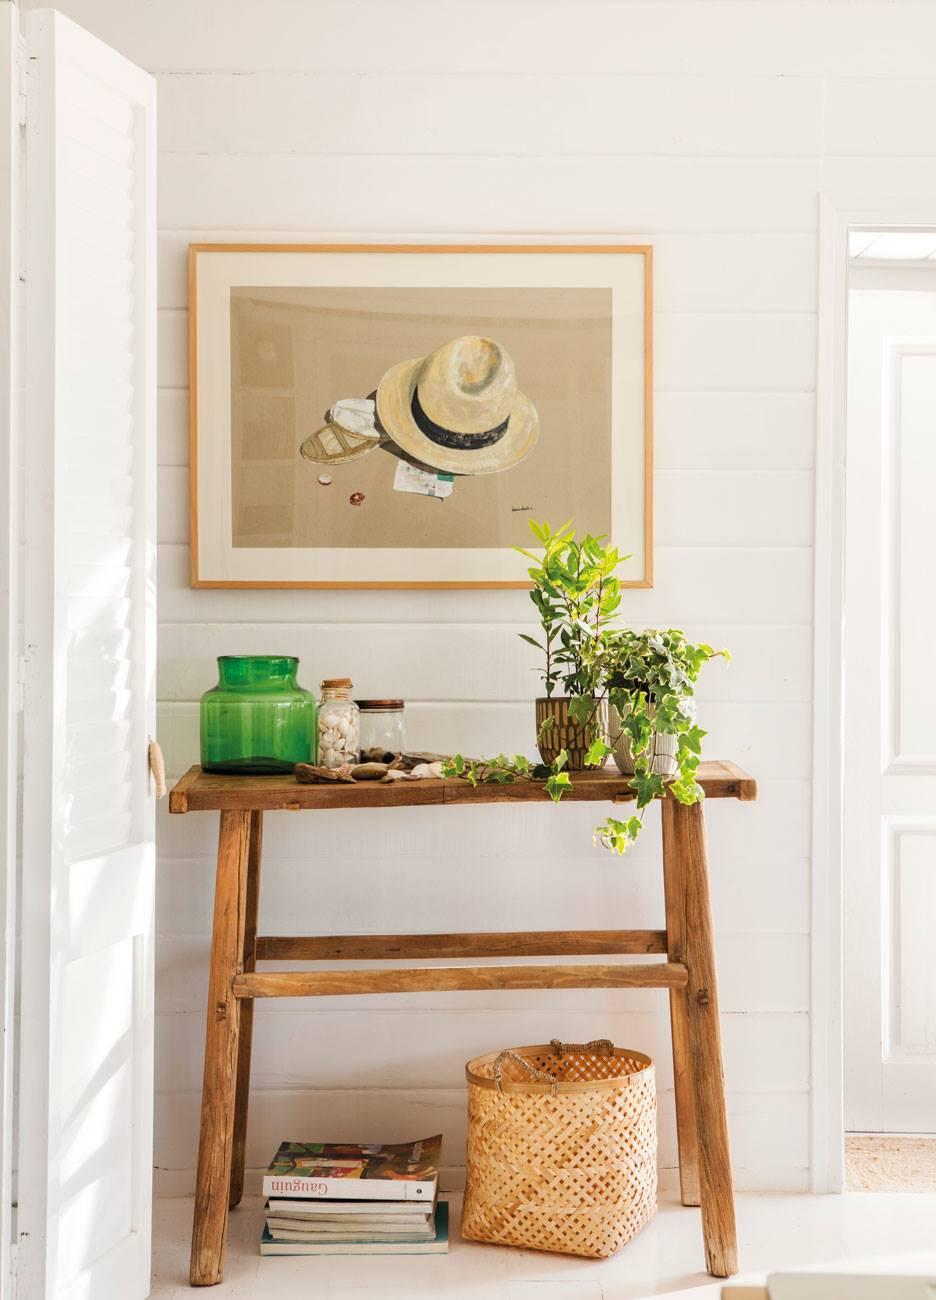 recibidor-pequeño-con-consola-de-madera-y-jarrones-y-cuadro-en-la-pared 485084. El arte de la naturalidad